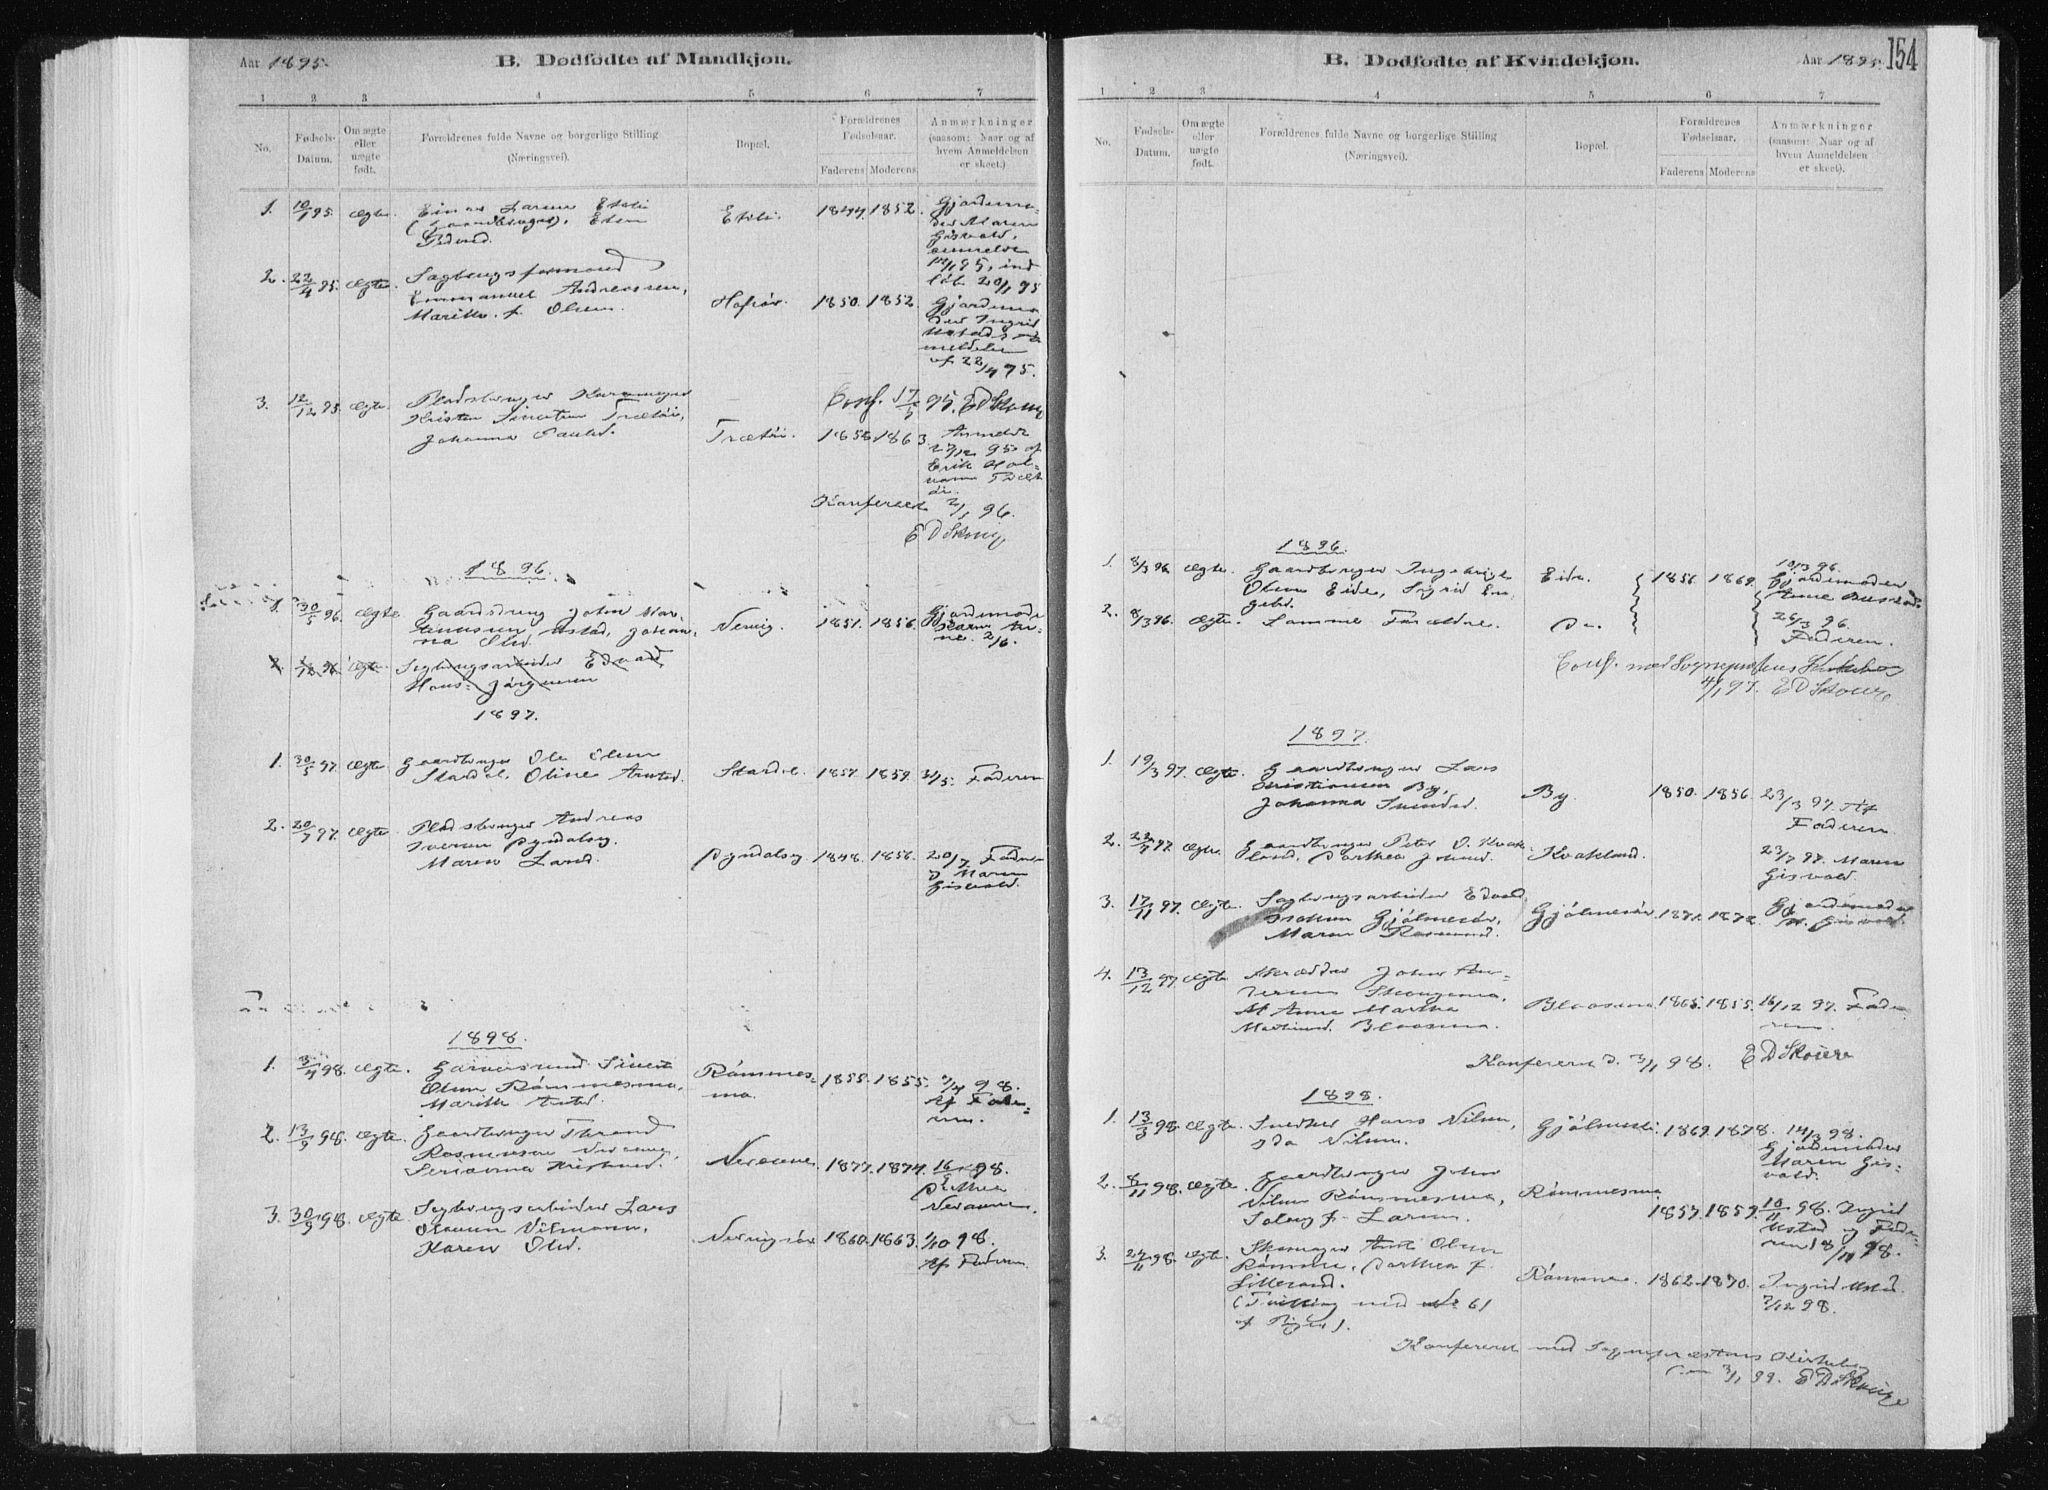 SAT, Ministerialprotokoller, klokkerbøker og fødselsregistre - Sør-Trøndelag, 668/L0818: Klokkerbok nr. 668C07, 1885-1898, s. 154